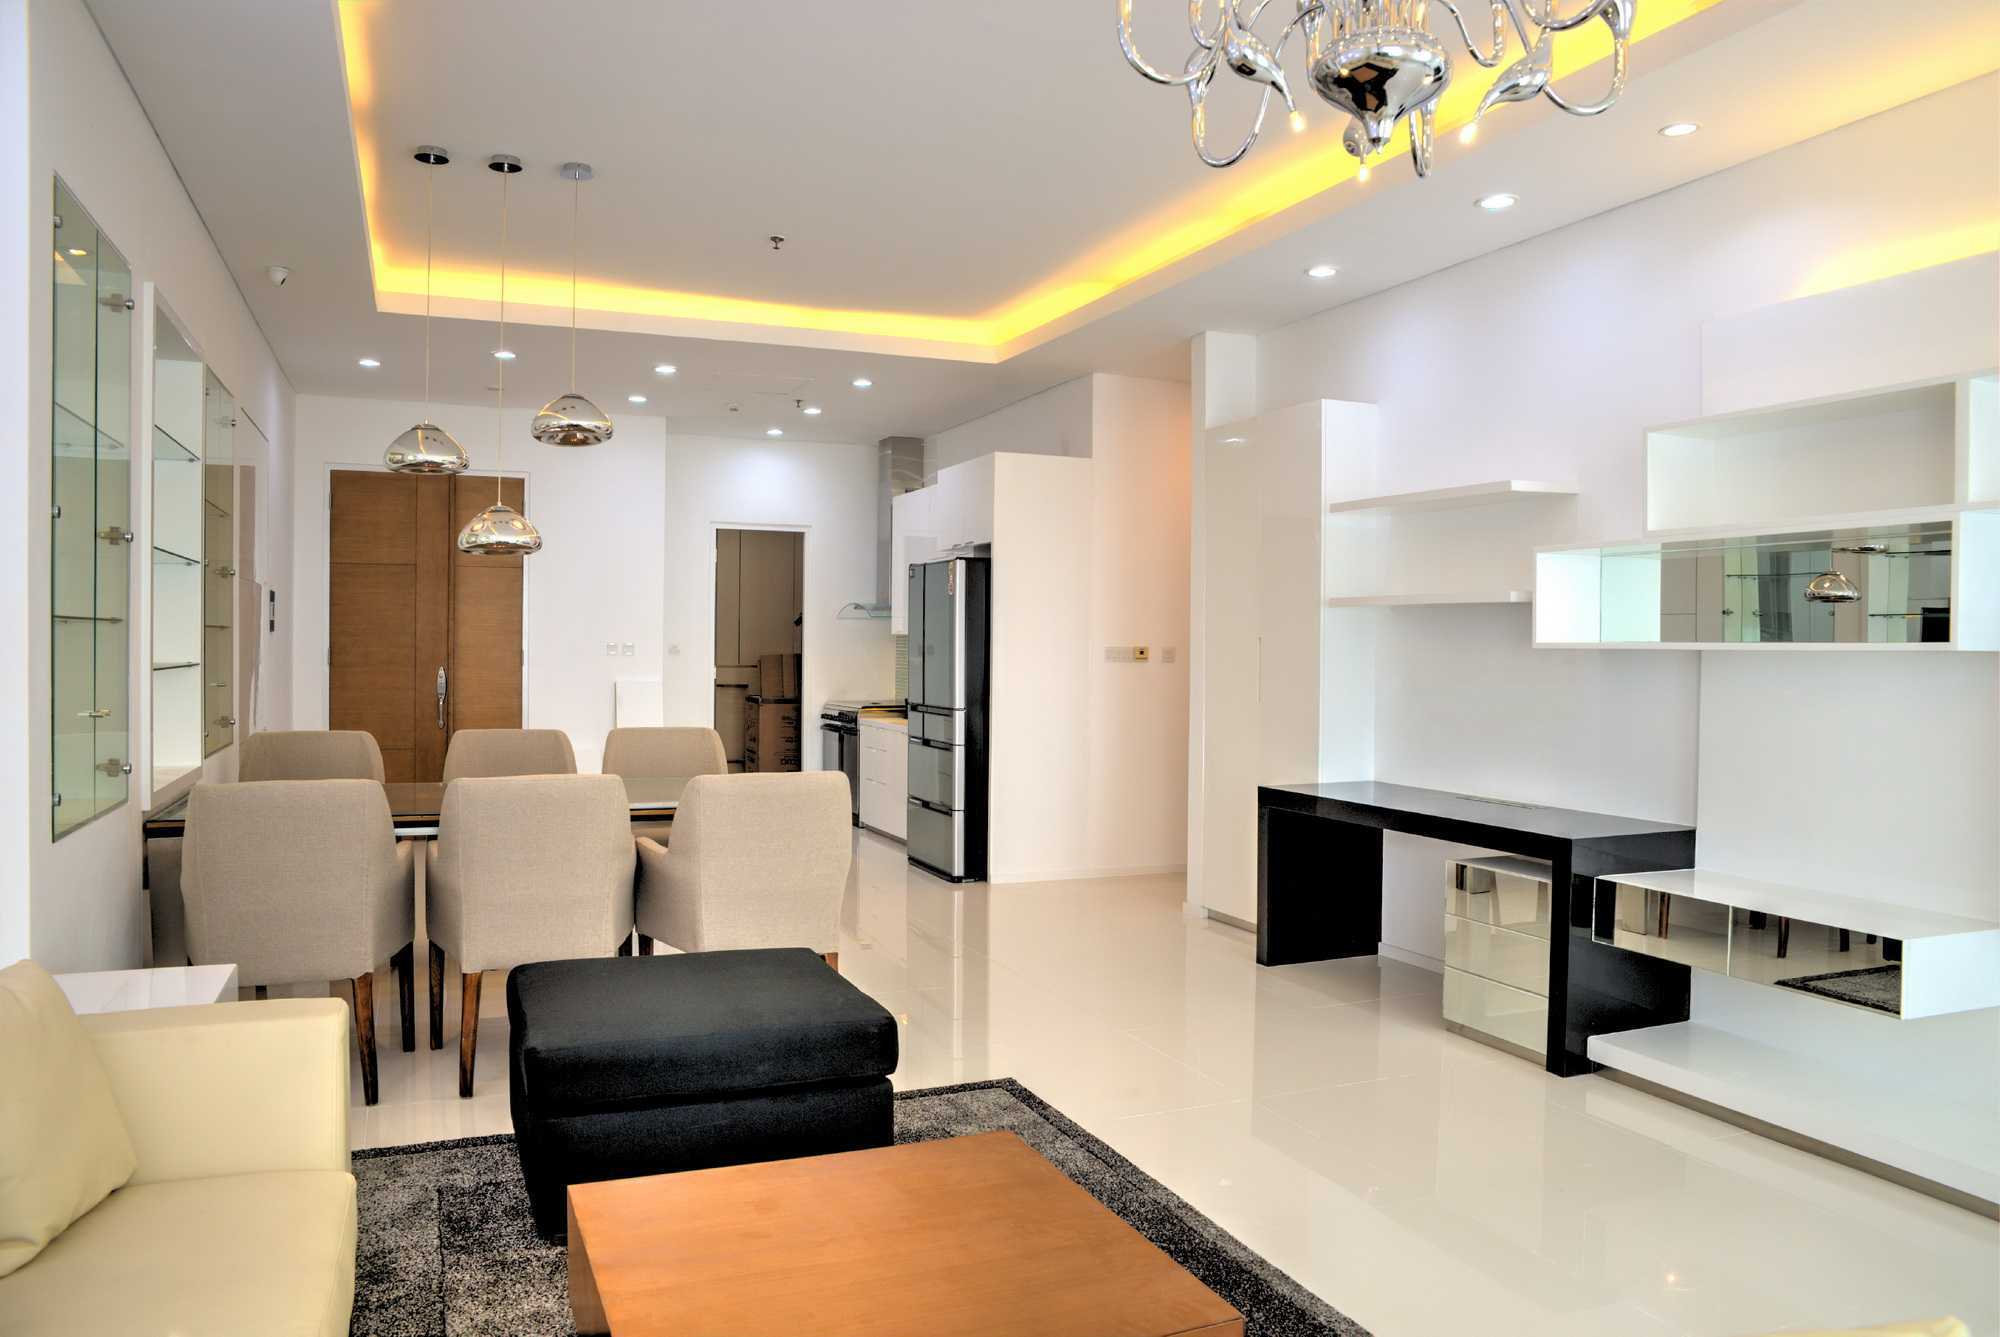 Meili Darmasetiawan Belleza Apartment Versailles Apartment Belleza Permata Hijau Jakarta Apartment Belleza Permata Hijau Jakarta Photo-12819 Modern  12819